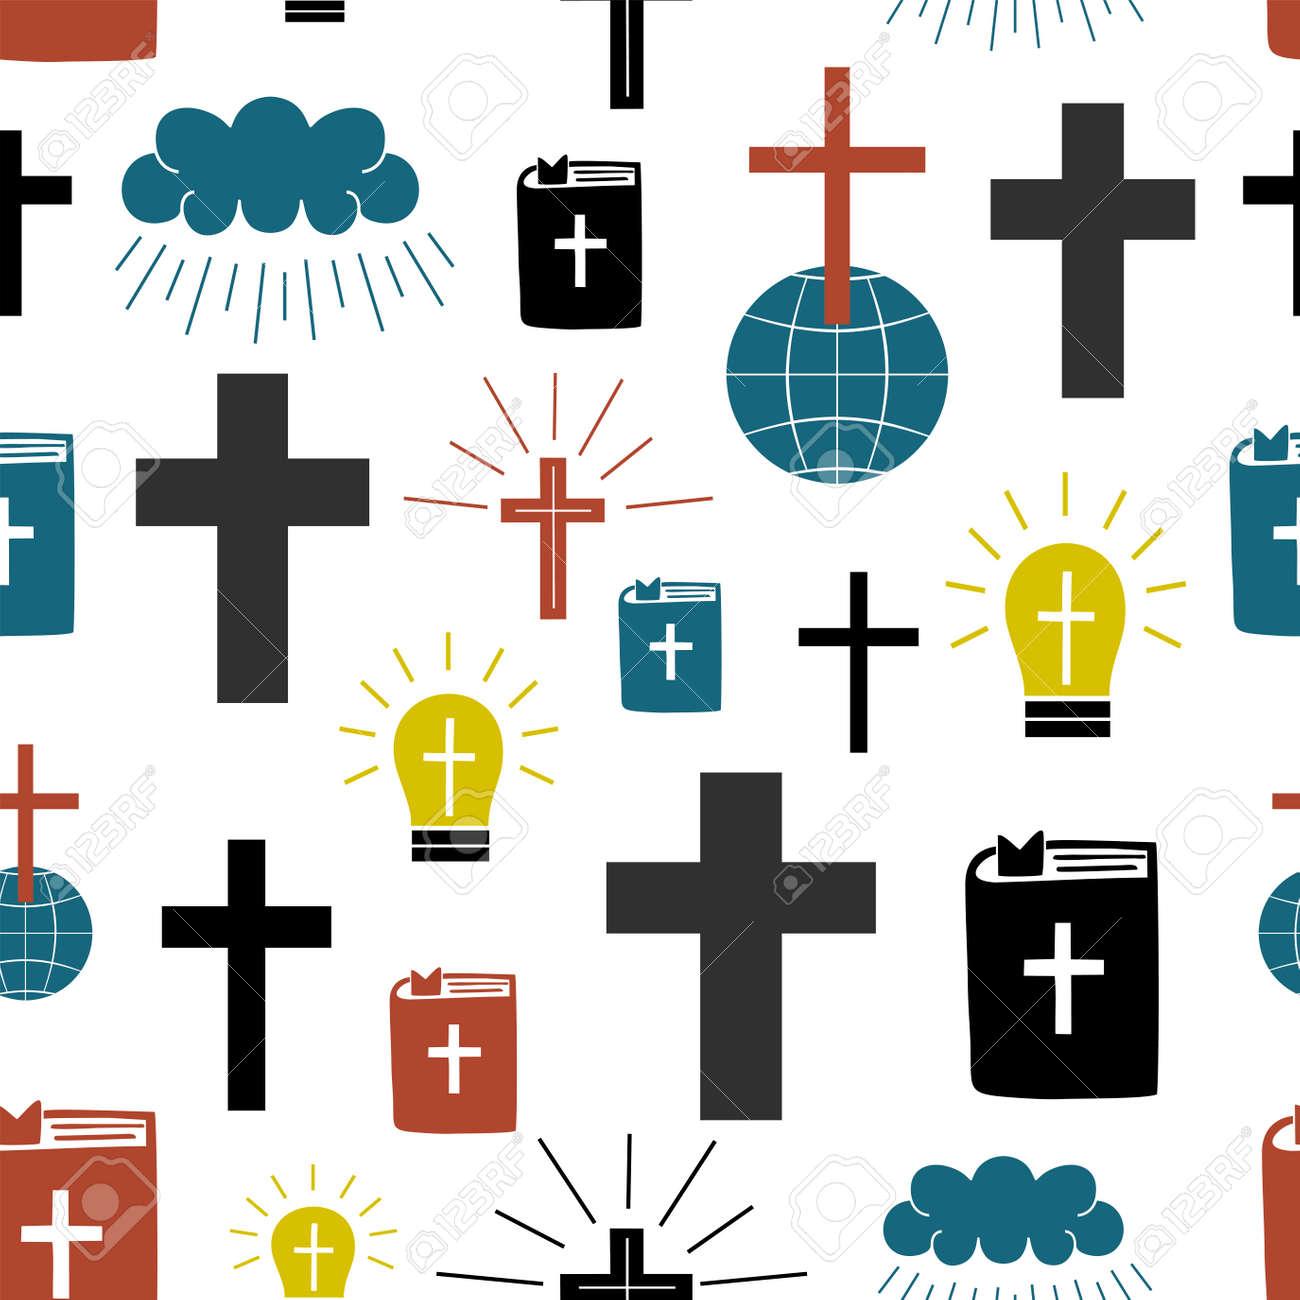 Seamless pattern with symbols Cross on globe, Bible, glowing light bulb. - 155780908